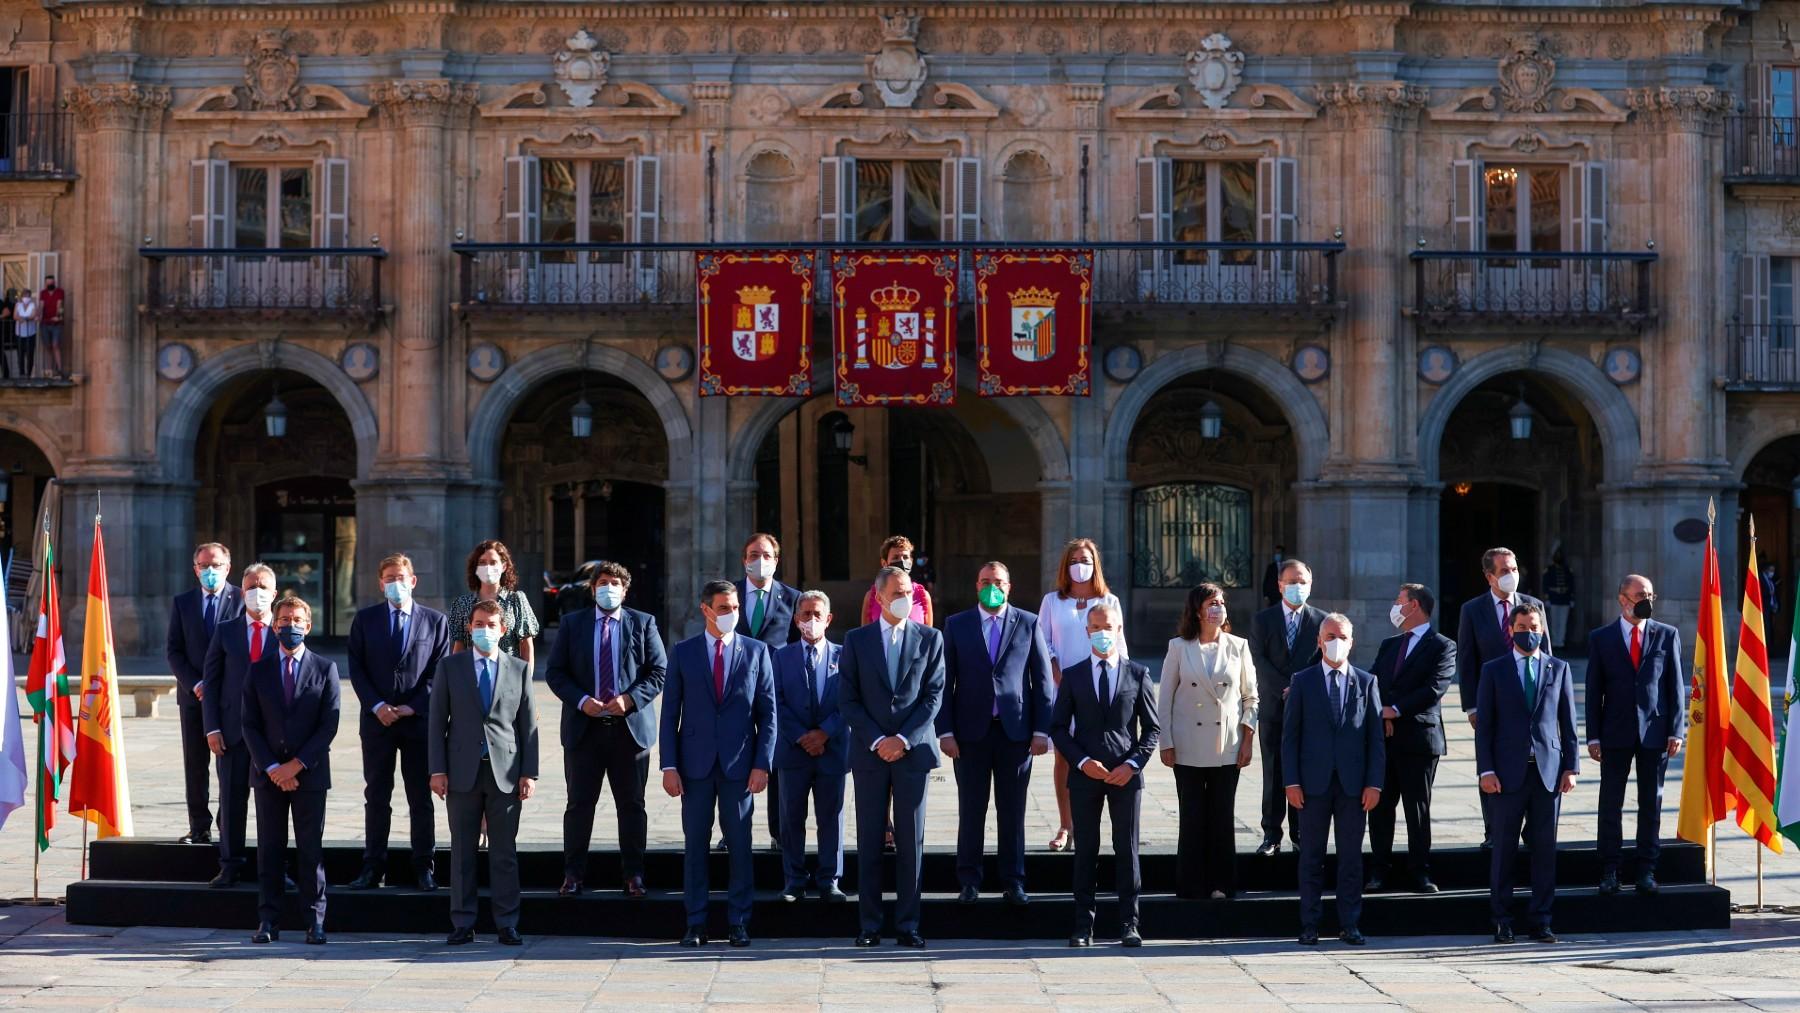 Foto oficial de la XXIV Conferencia de Presidentes presidida por el Rey y Pedro Sánchez. (Foto: Efe)